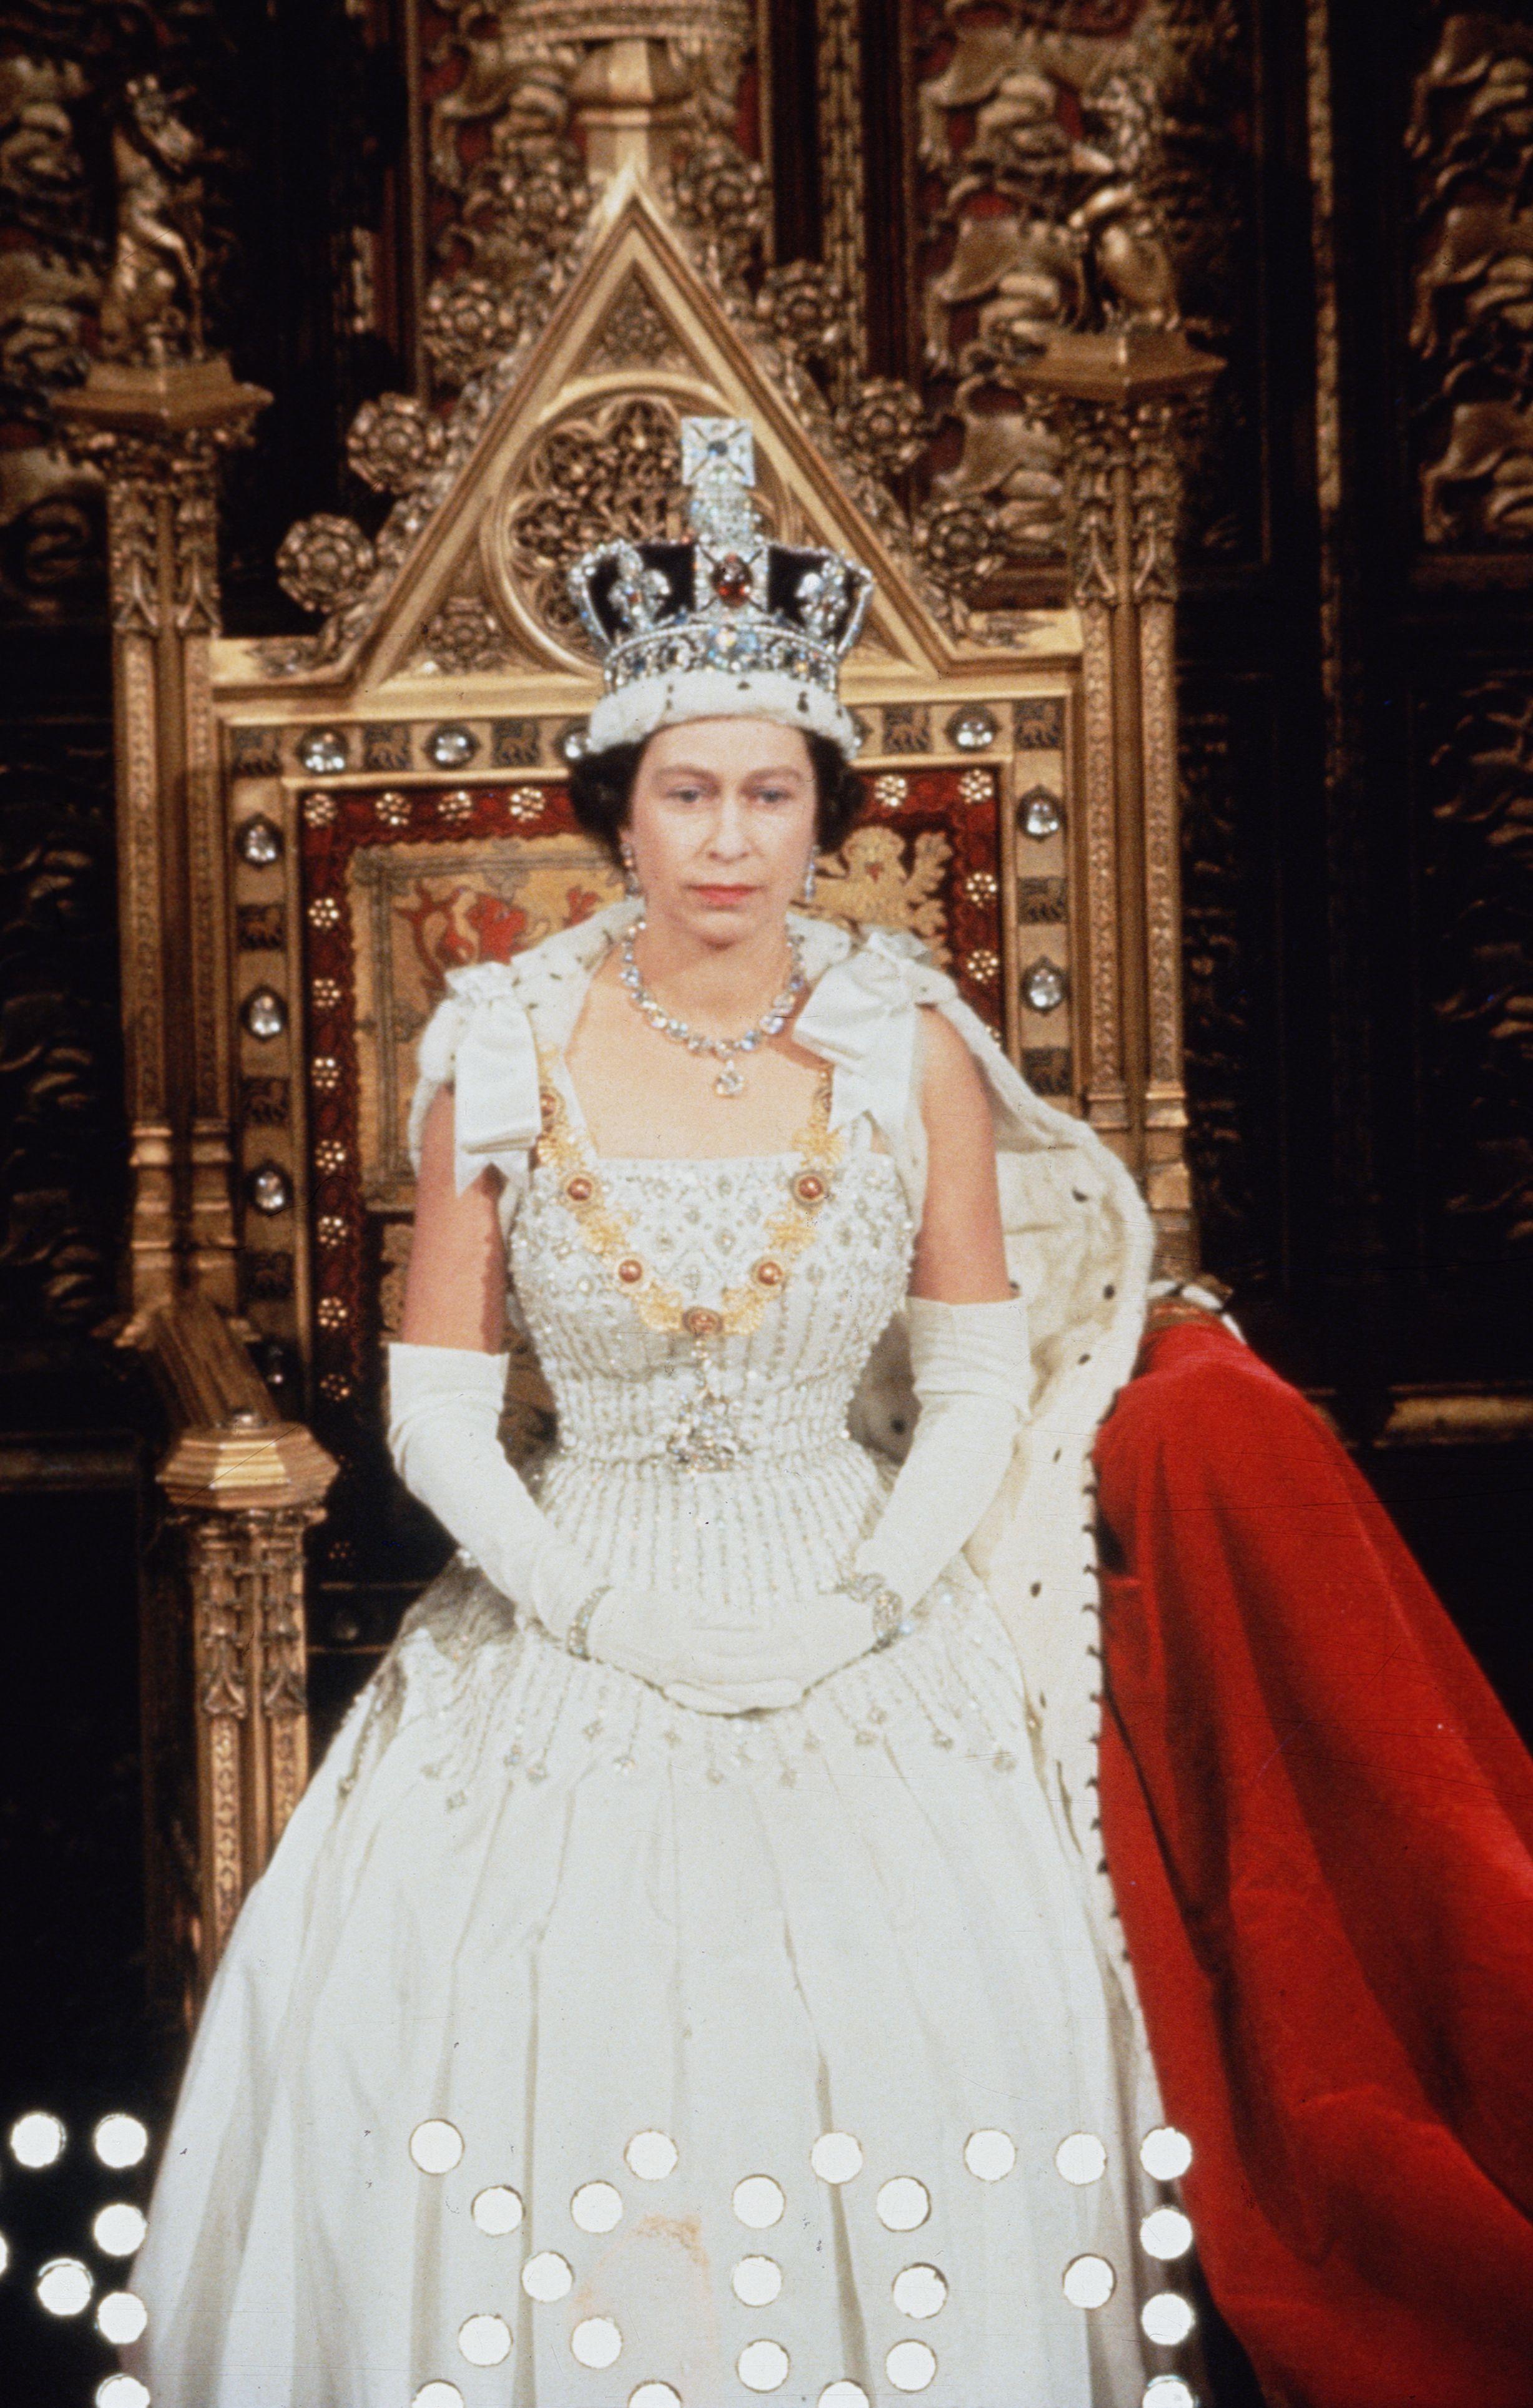 Queen Elizabeth\'s Most Beautiful Jewels - Pictures of the Queen\'s ...